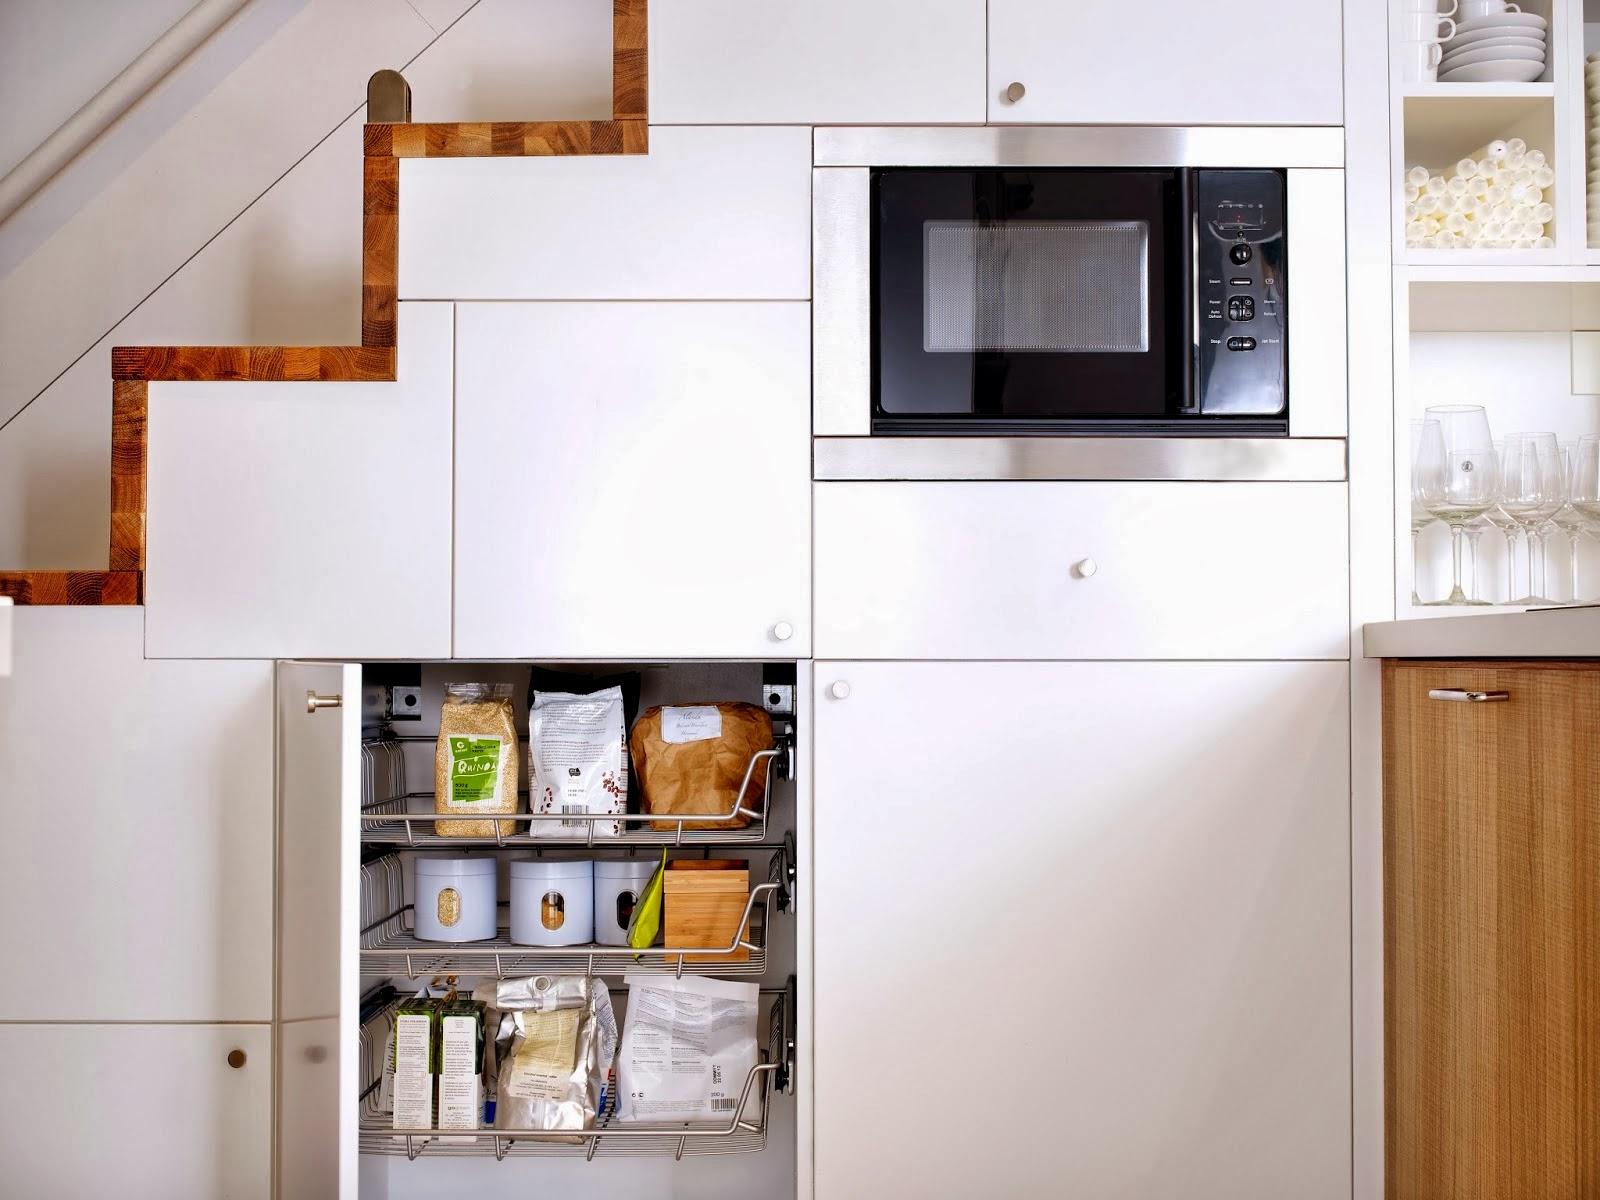 Decoraci n f cil nuevas cocinas de ikea metod - Montaje de cocinas ikea ...